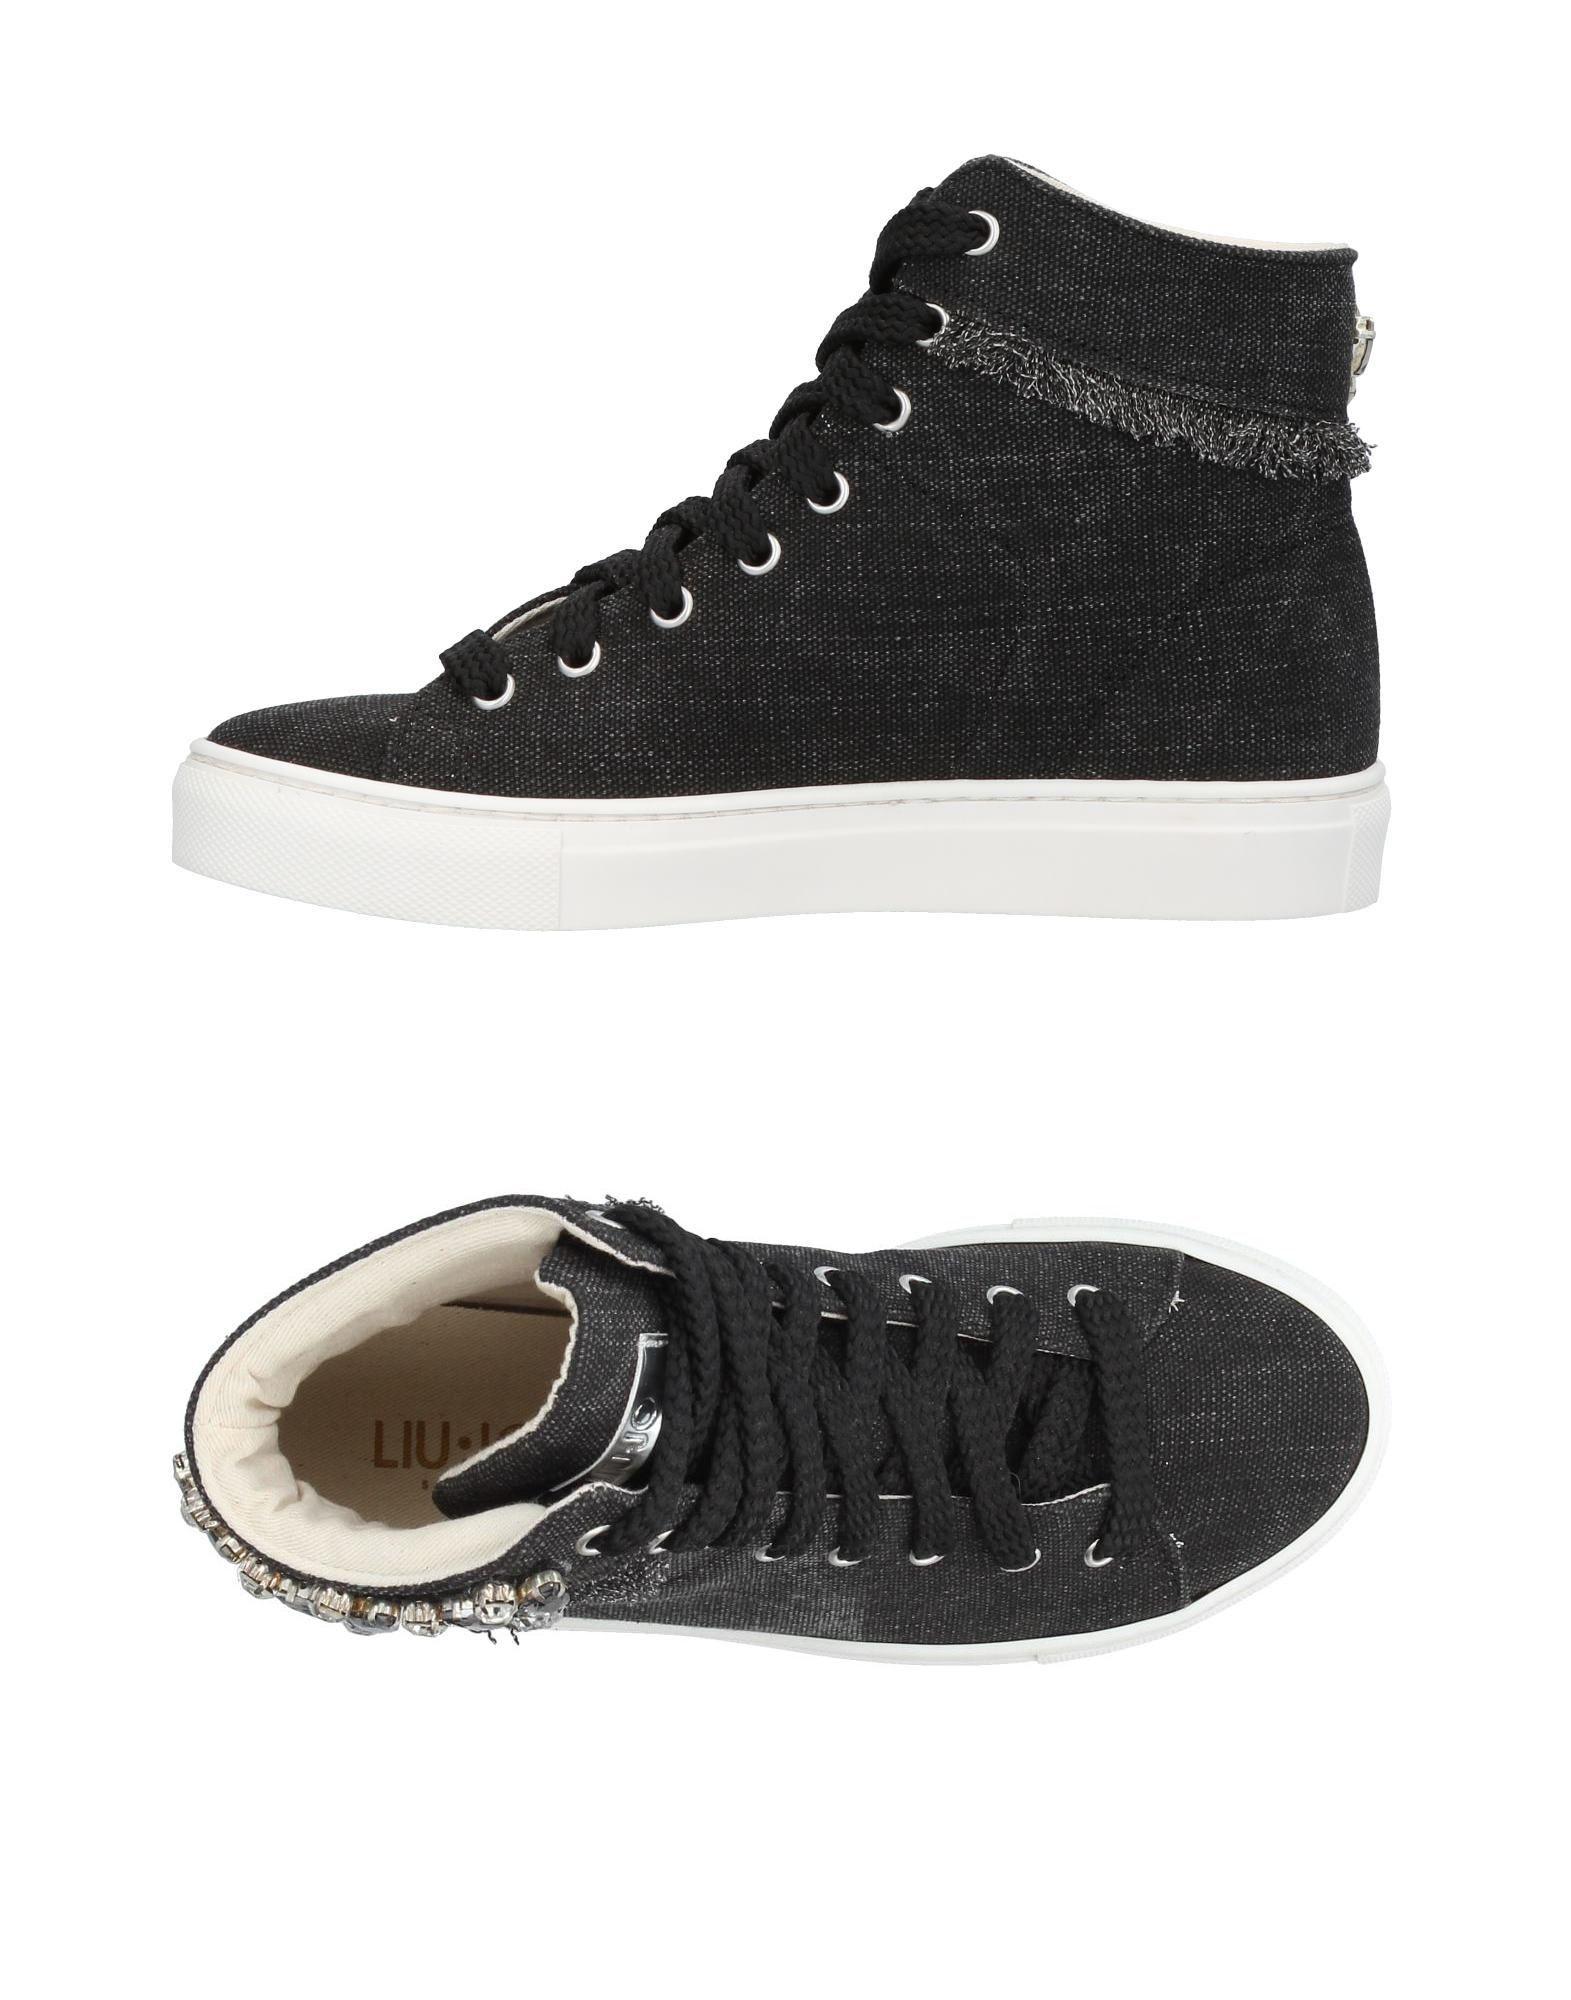 LIU •JO SHOES Высокие кеды и кроссовки кеды кроссовки высокие женские dc shoes rebound high desert